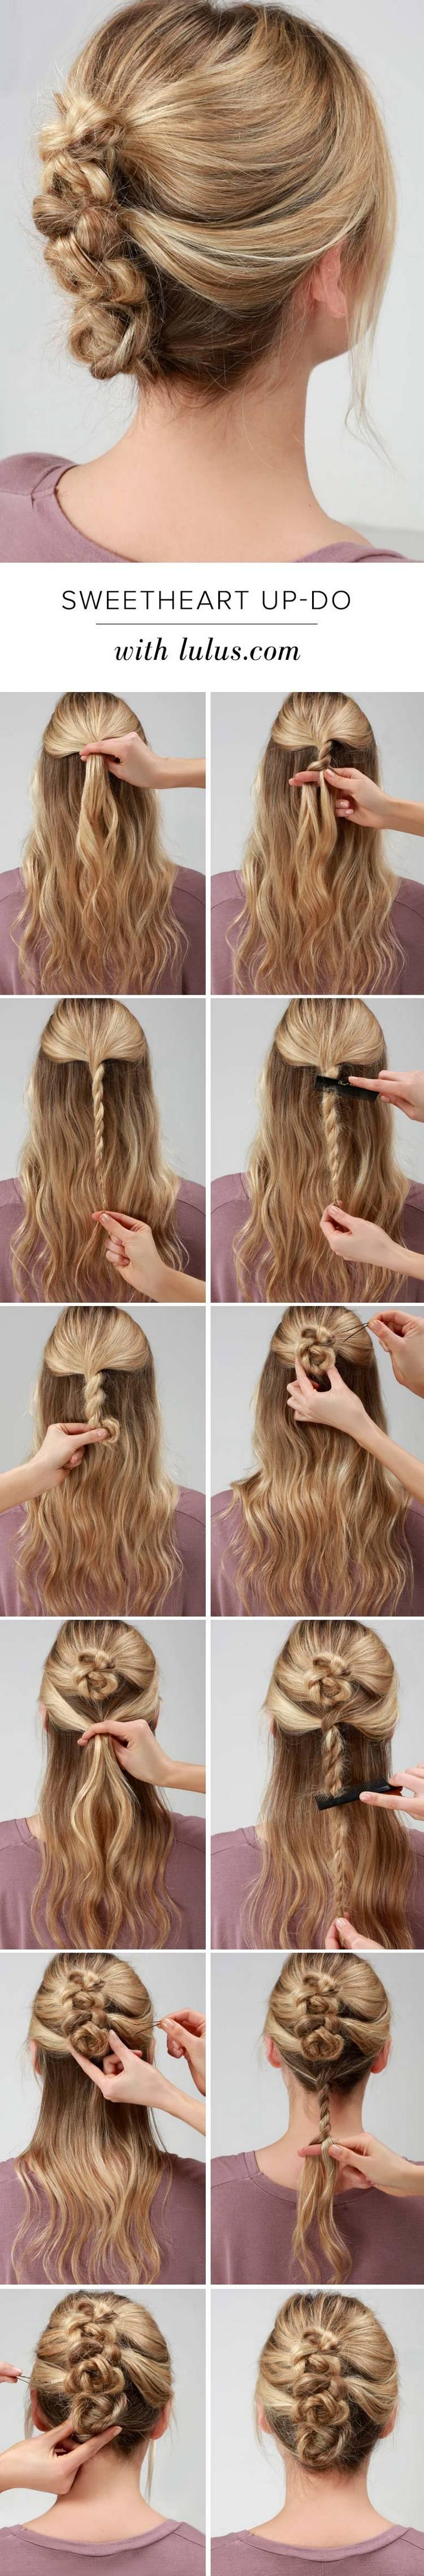 Красивые прически на средние волосы: Апдо